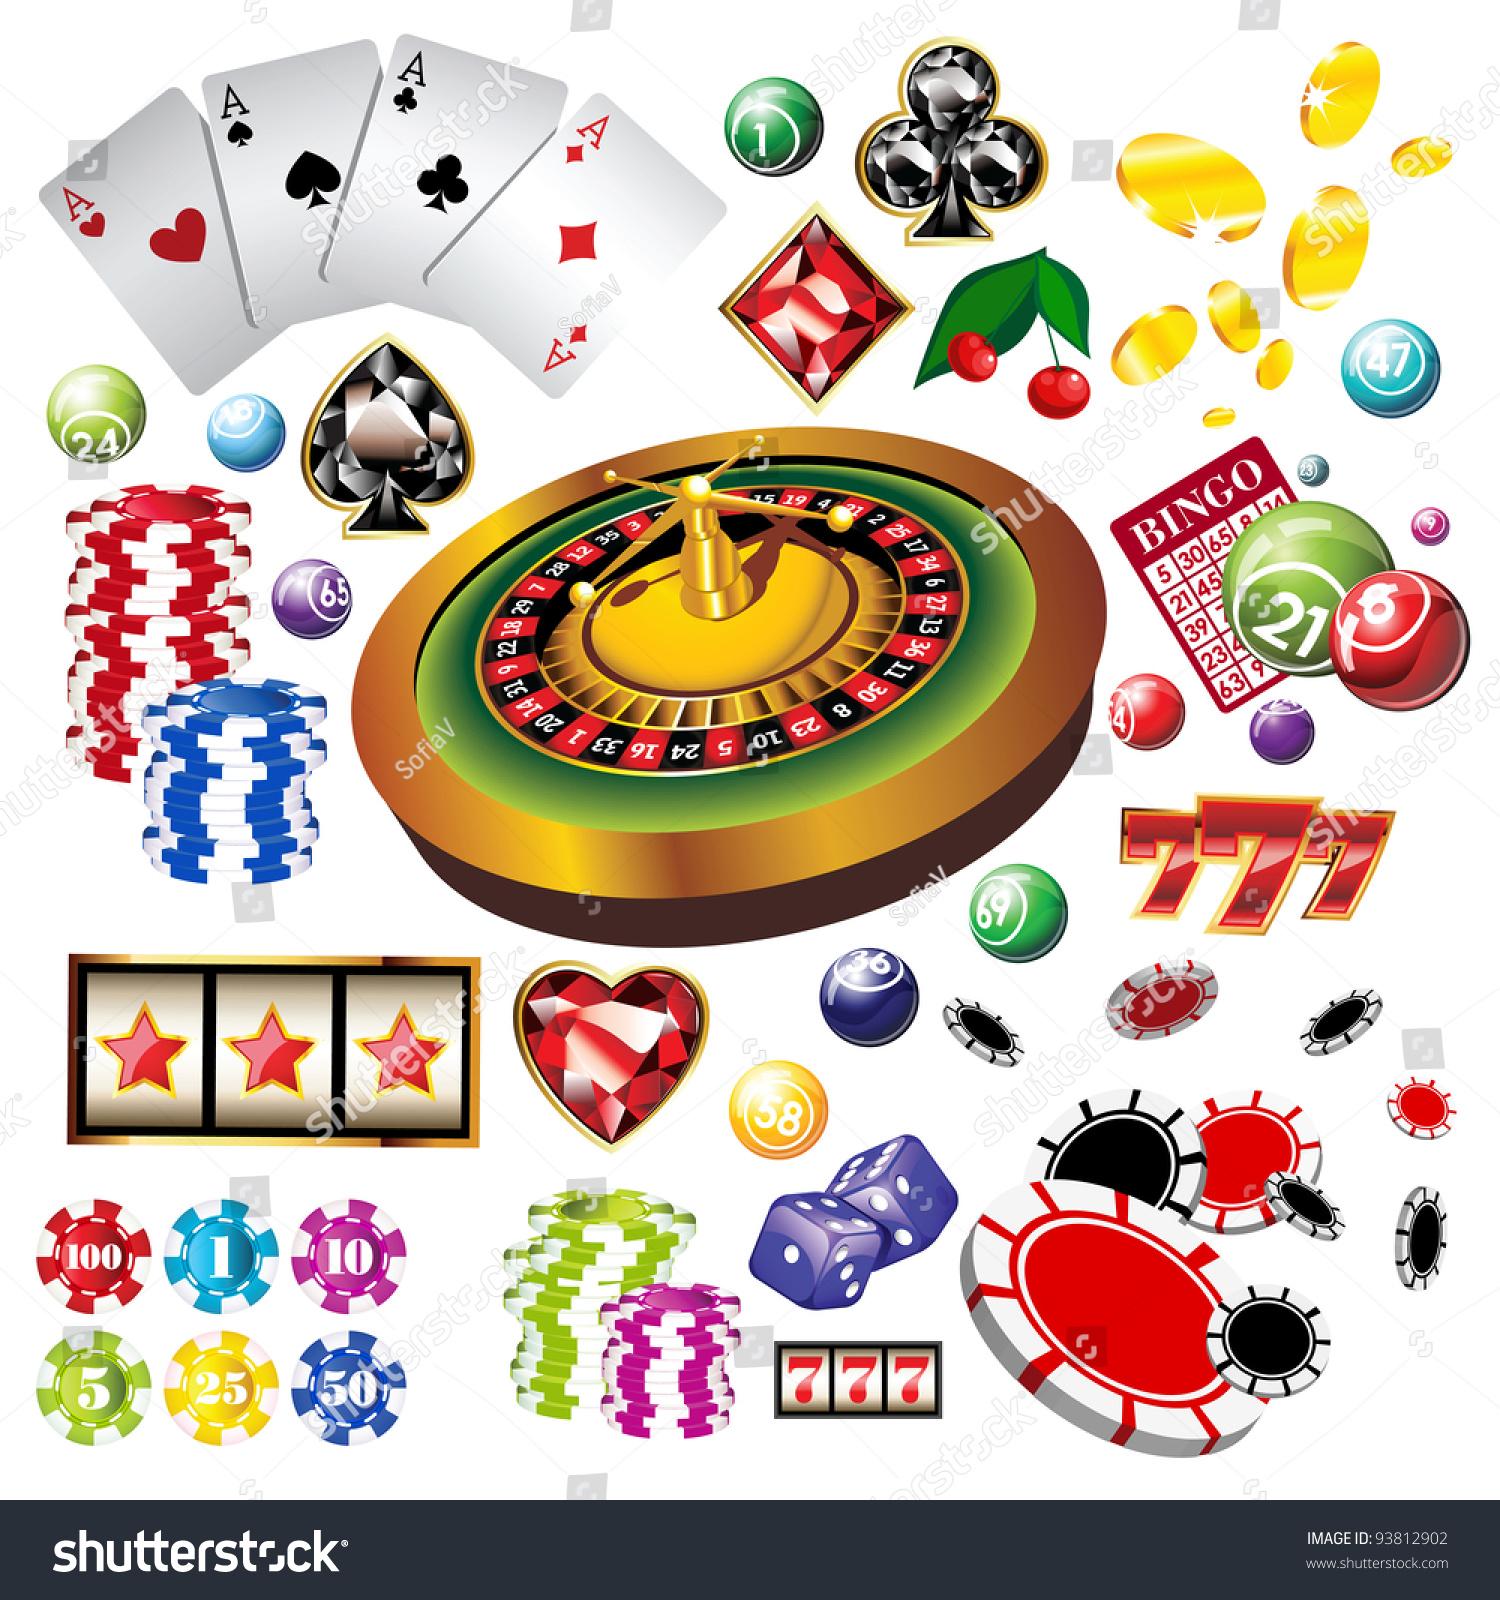 betvegas casino